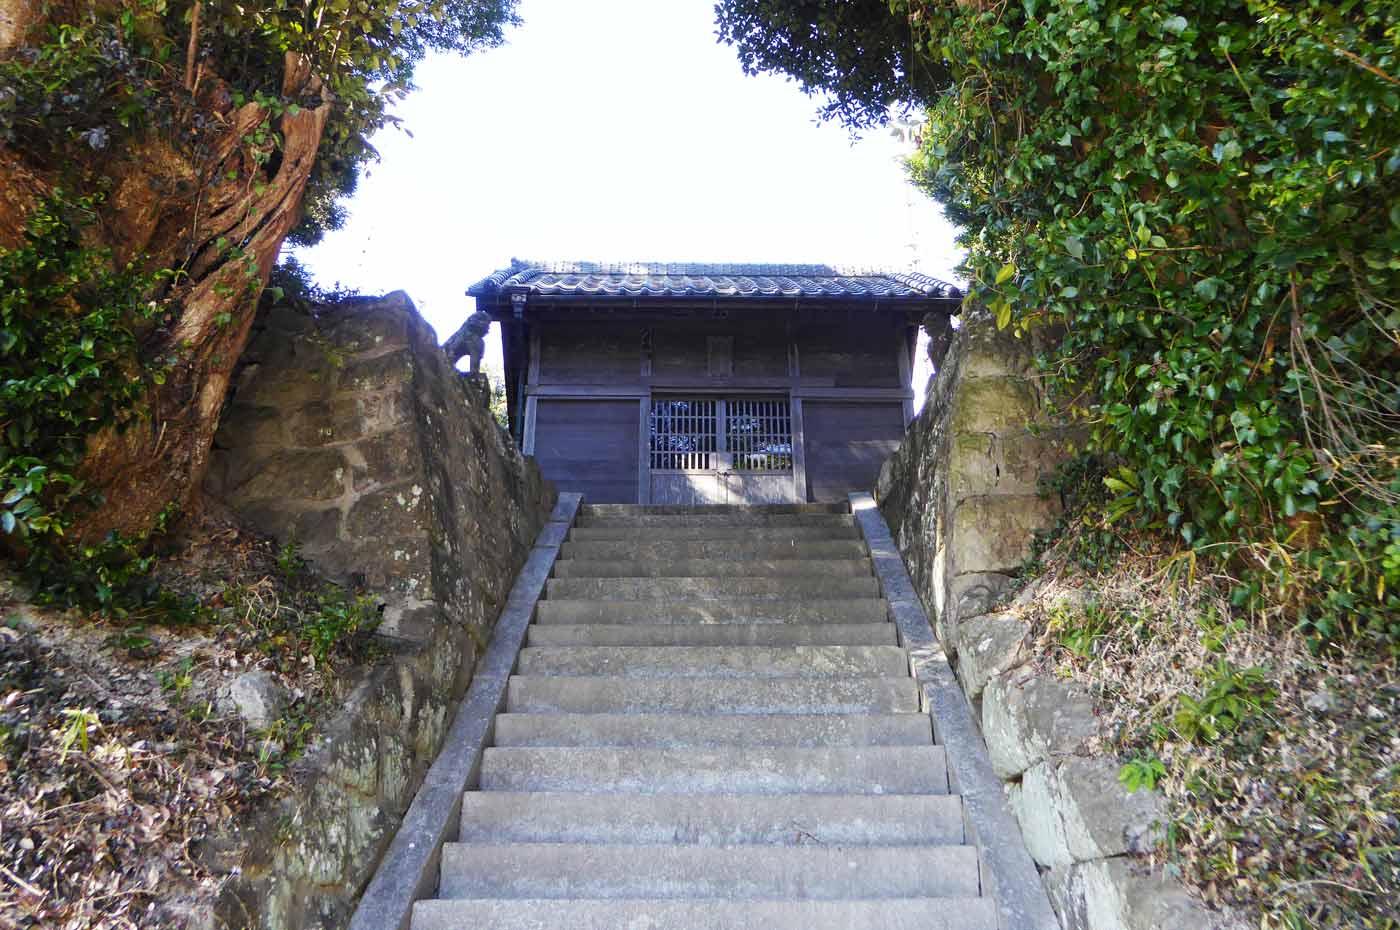 下から見た拝殿の画像